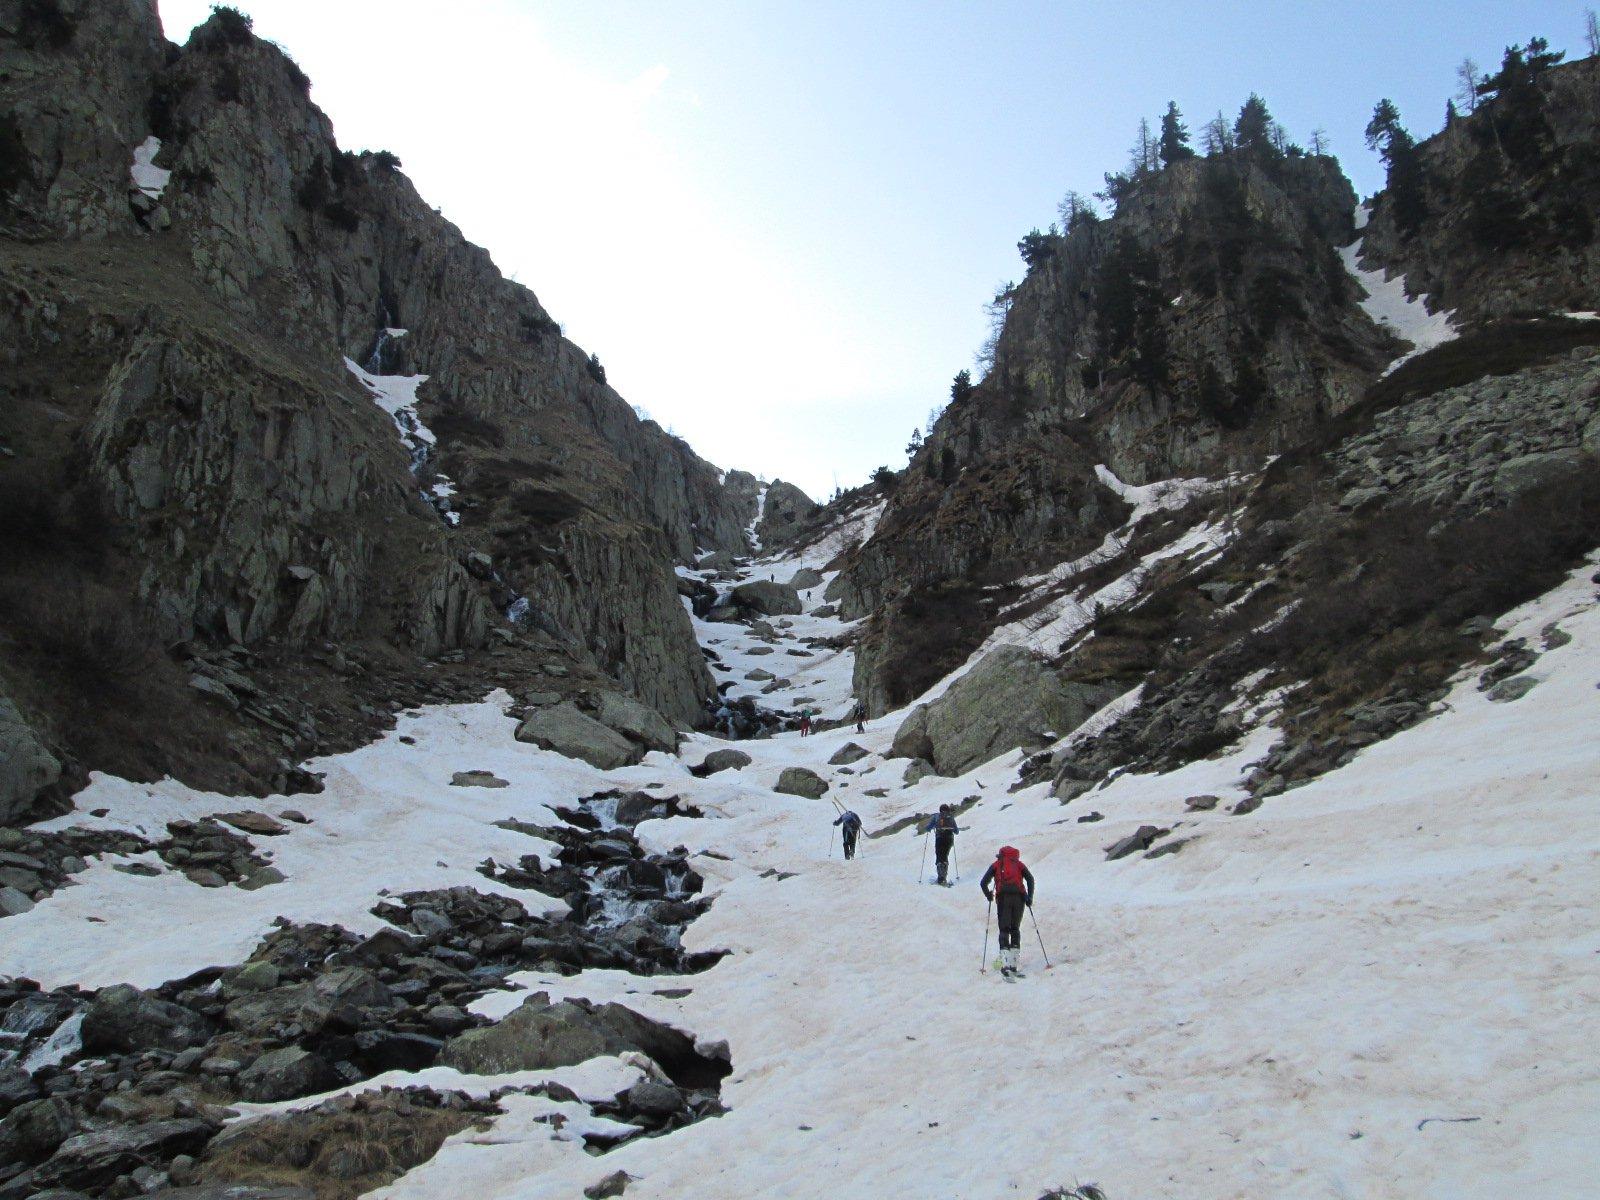 parte iniziale della gorgia, con poca neve